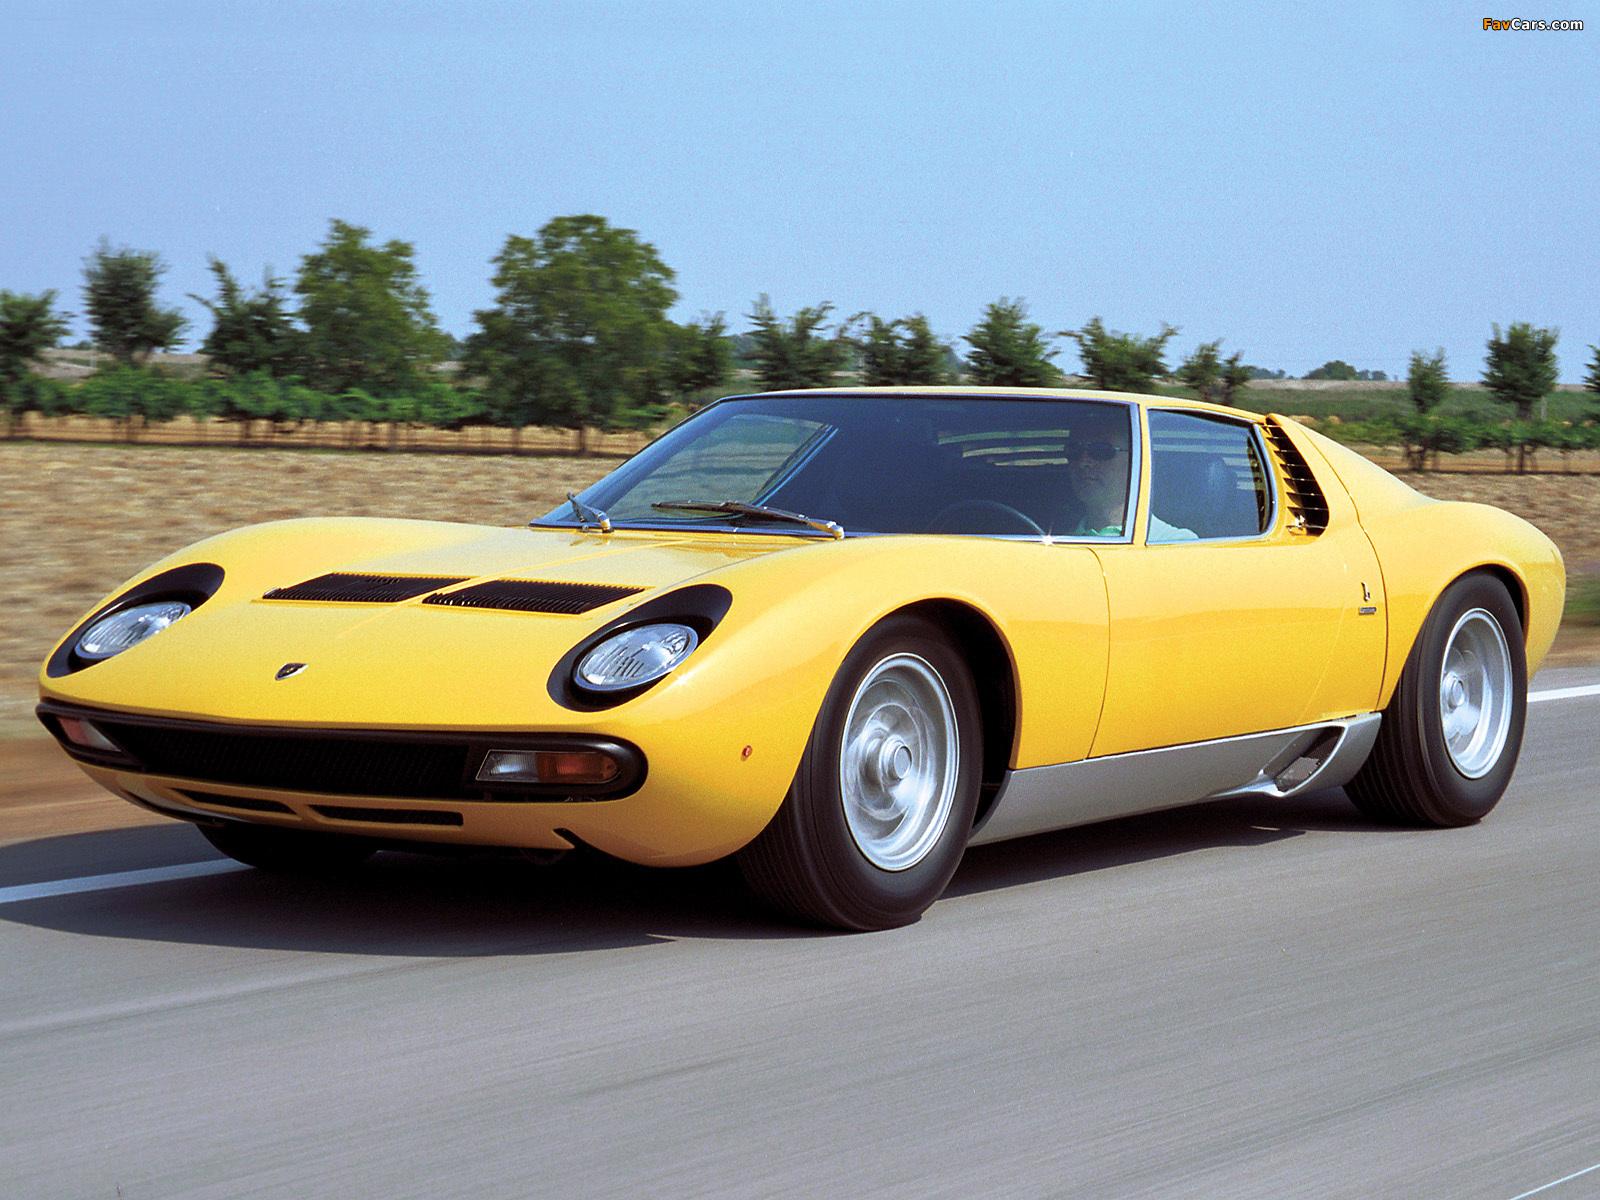 Lamborghini Miura P400 Sv 1971 72 Pictures 1600x1200